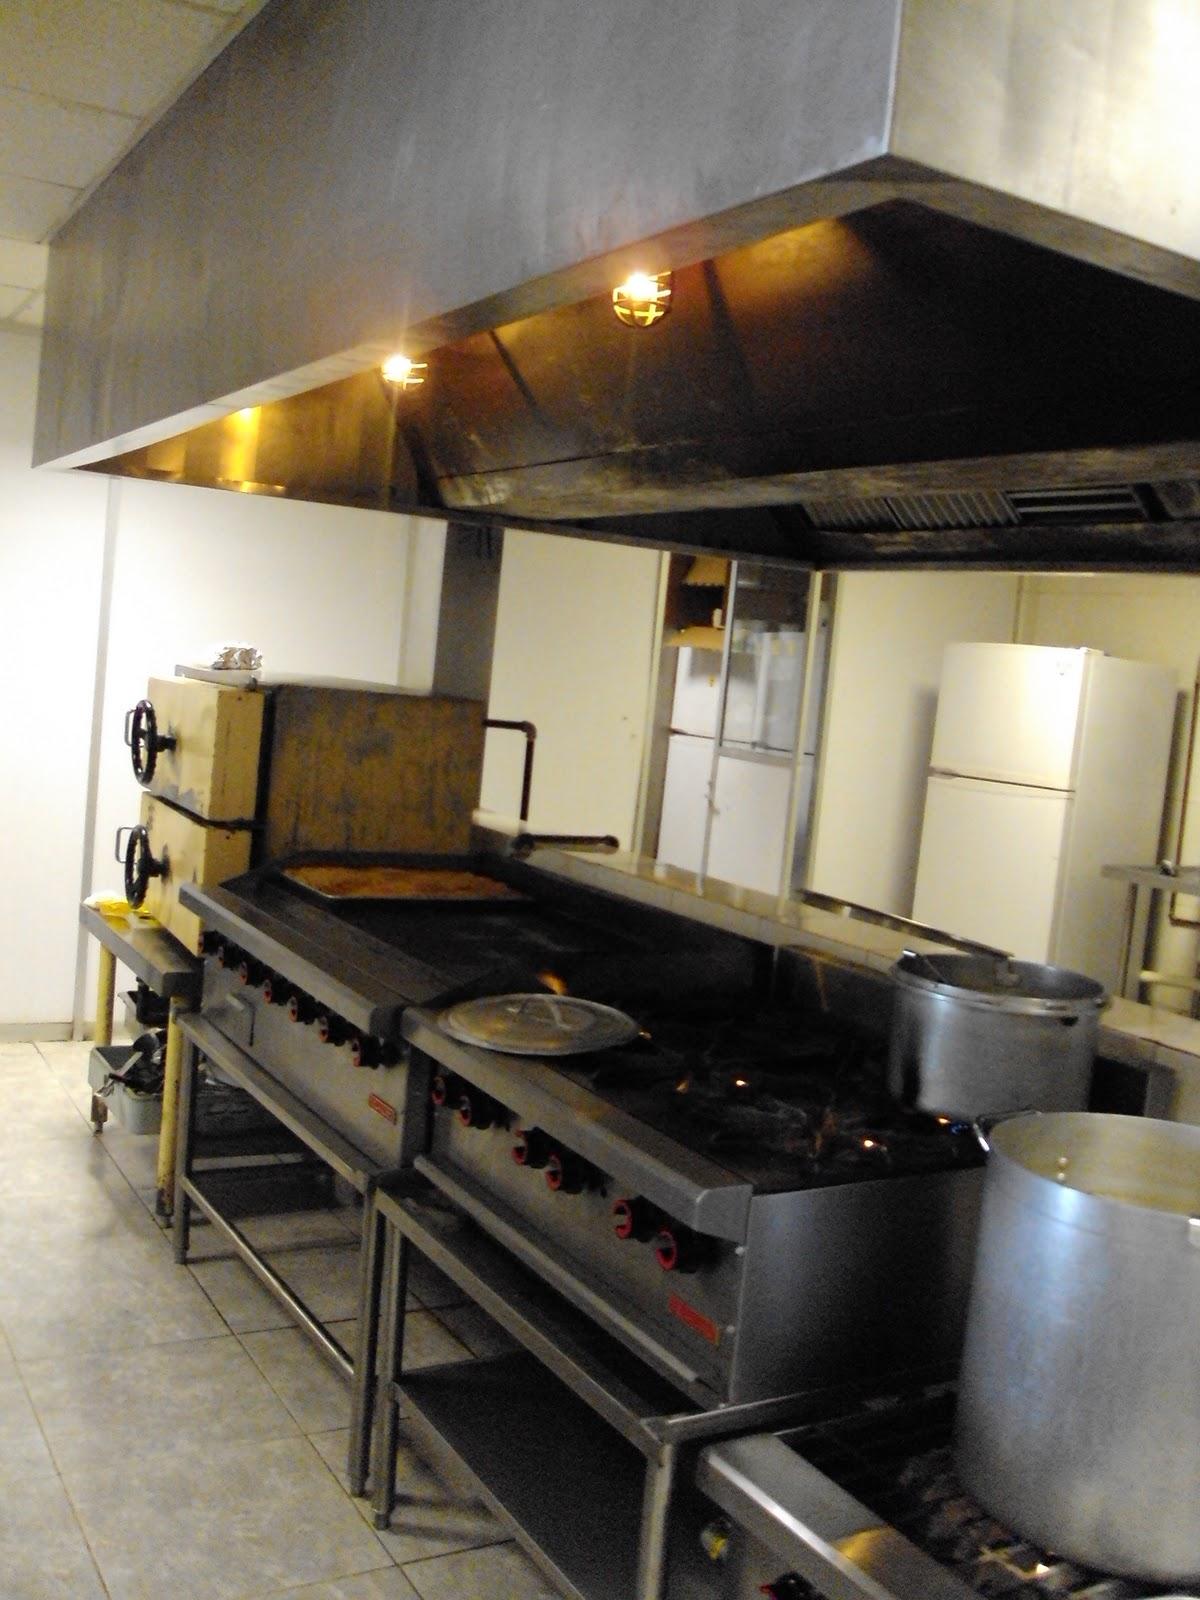 Utensilios cocina industrial interesting muebles de - Utensilios de cocina industrial ...